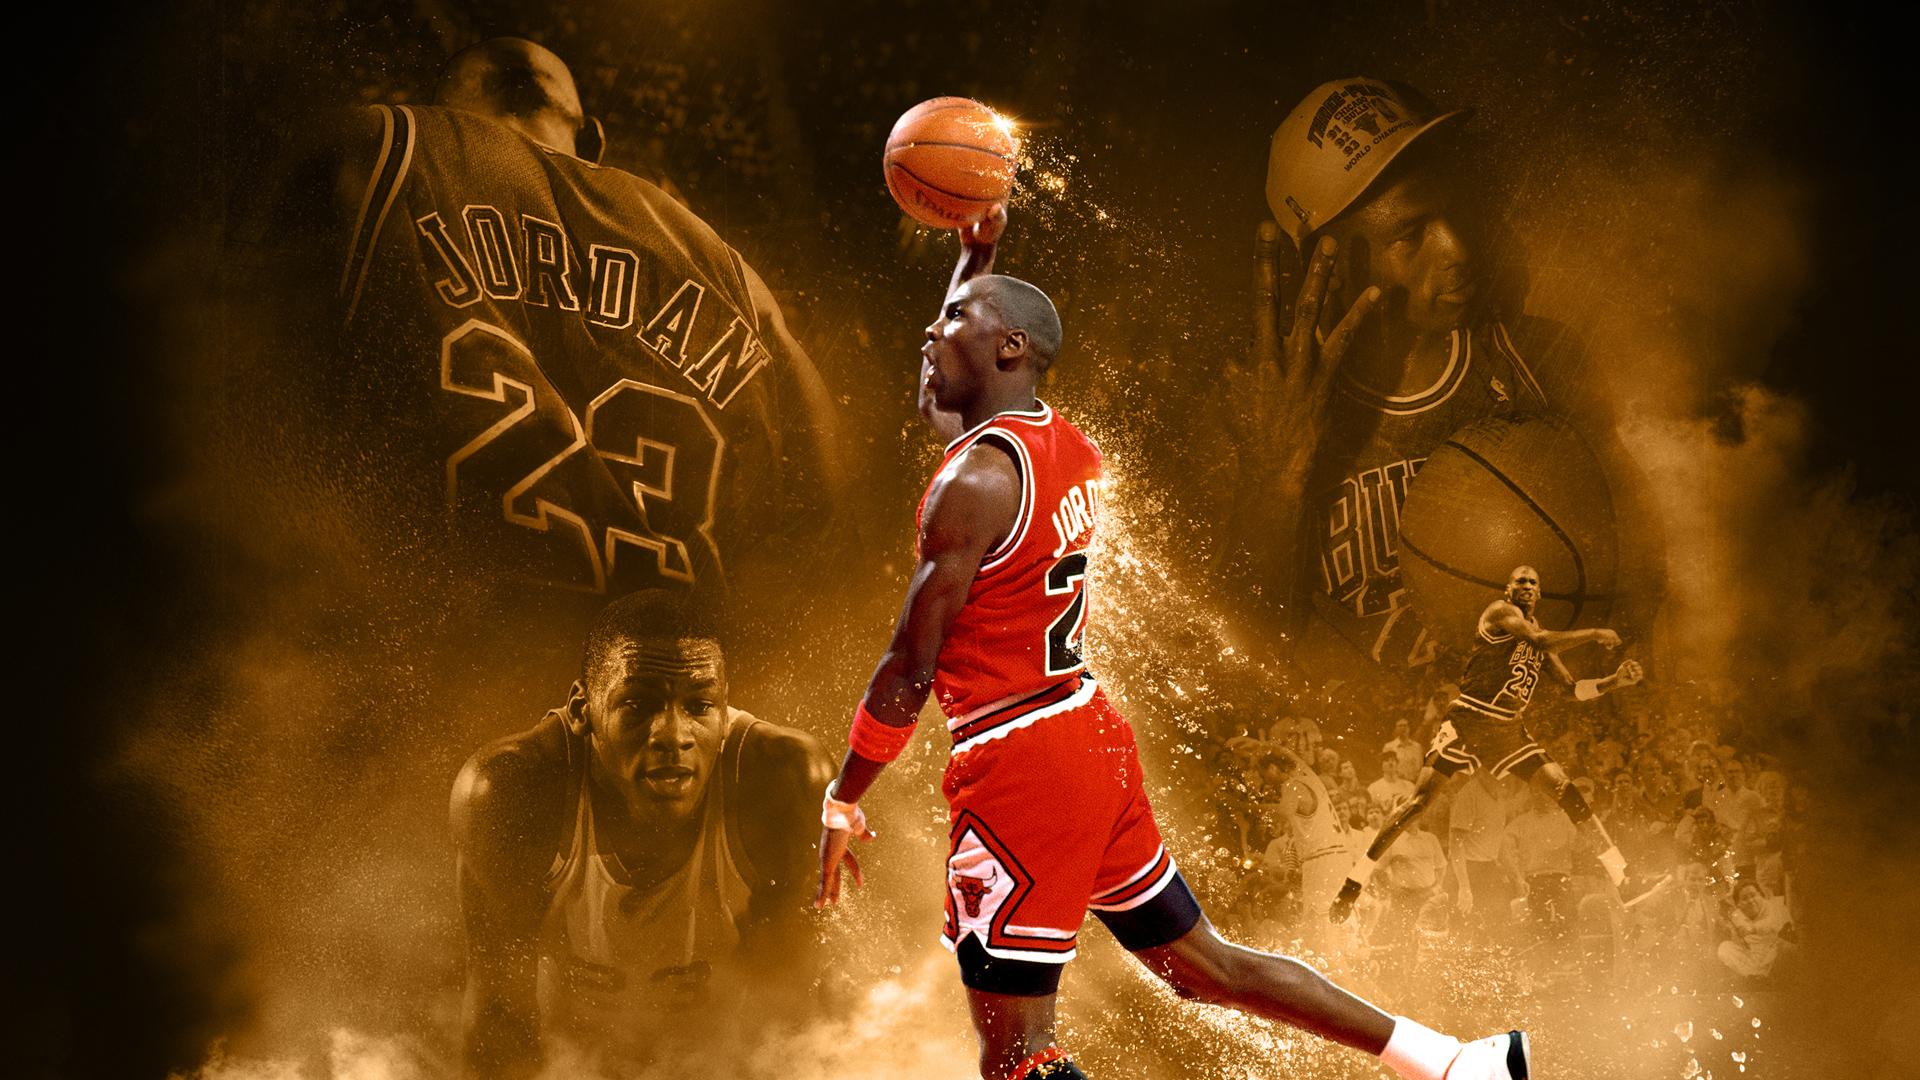 Star Basketball Players